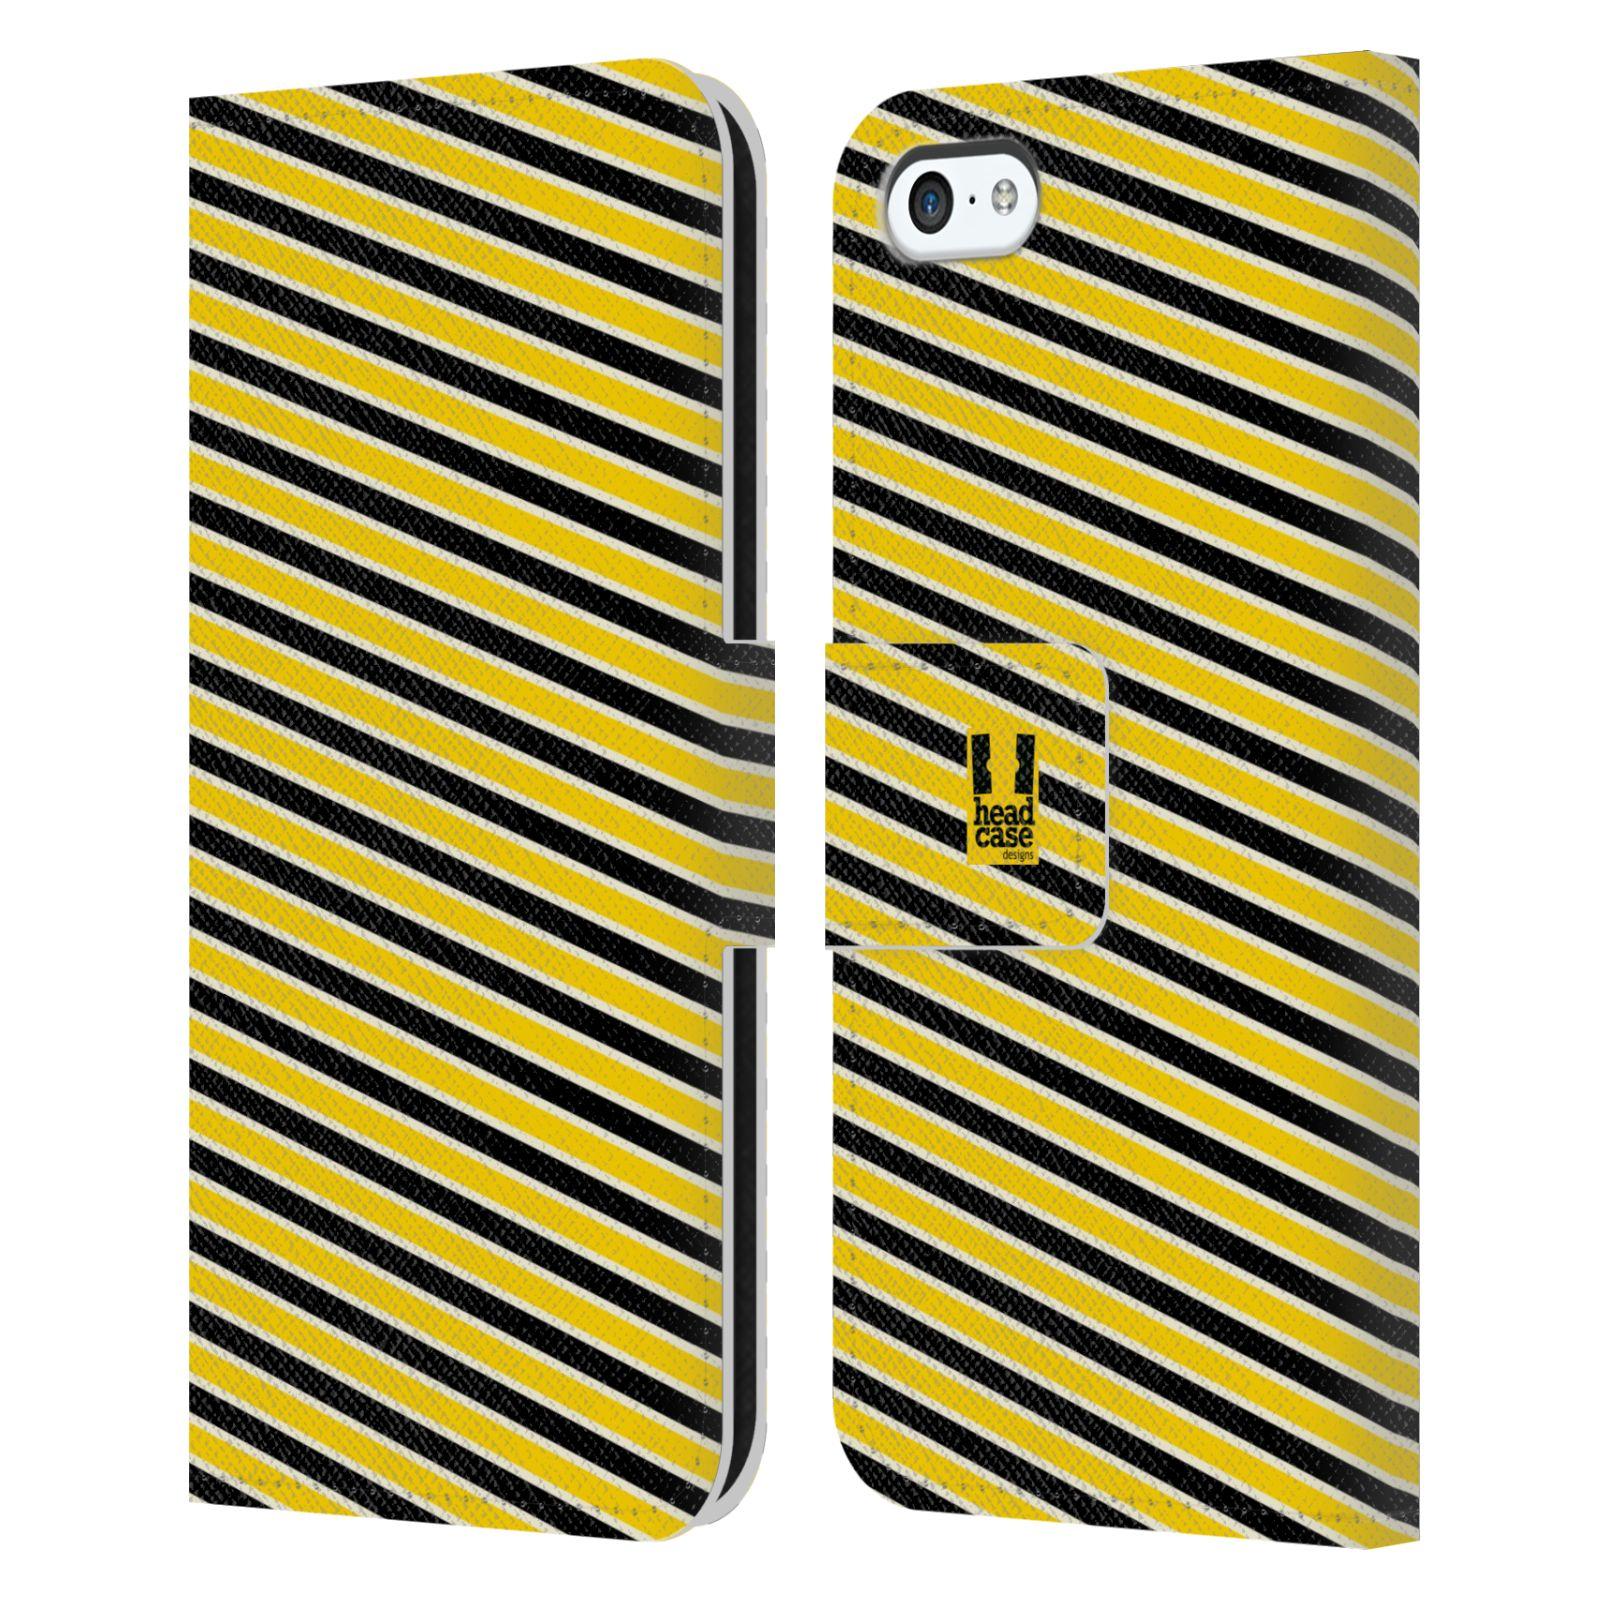 HEAD CASE Flipové pouzdro pro mobil Apple Iphone 5C VČELÍ VZOR pruhy žlutá a černá